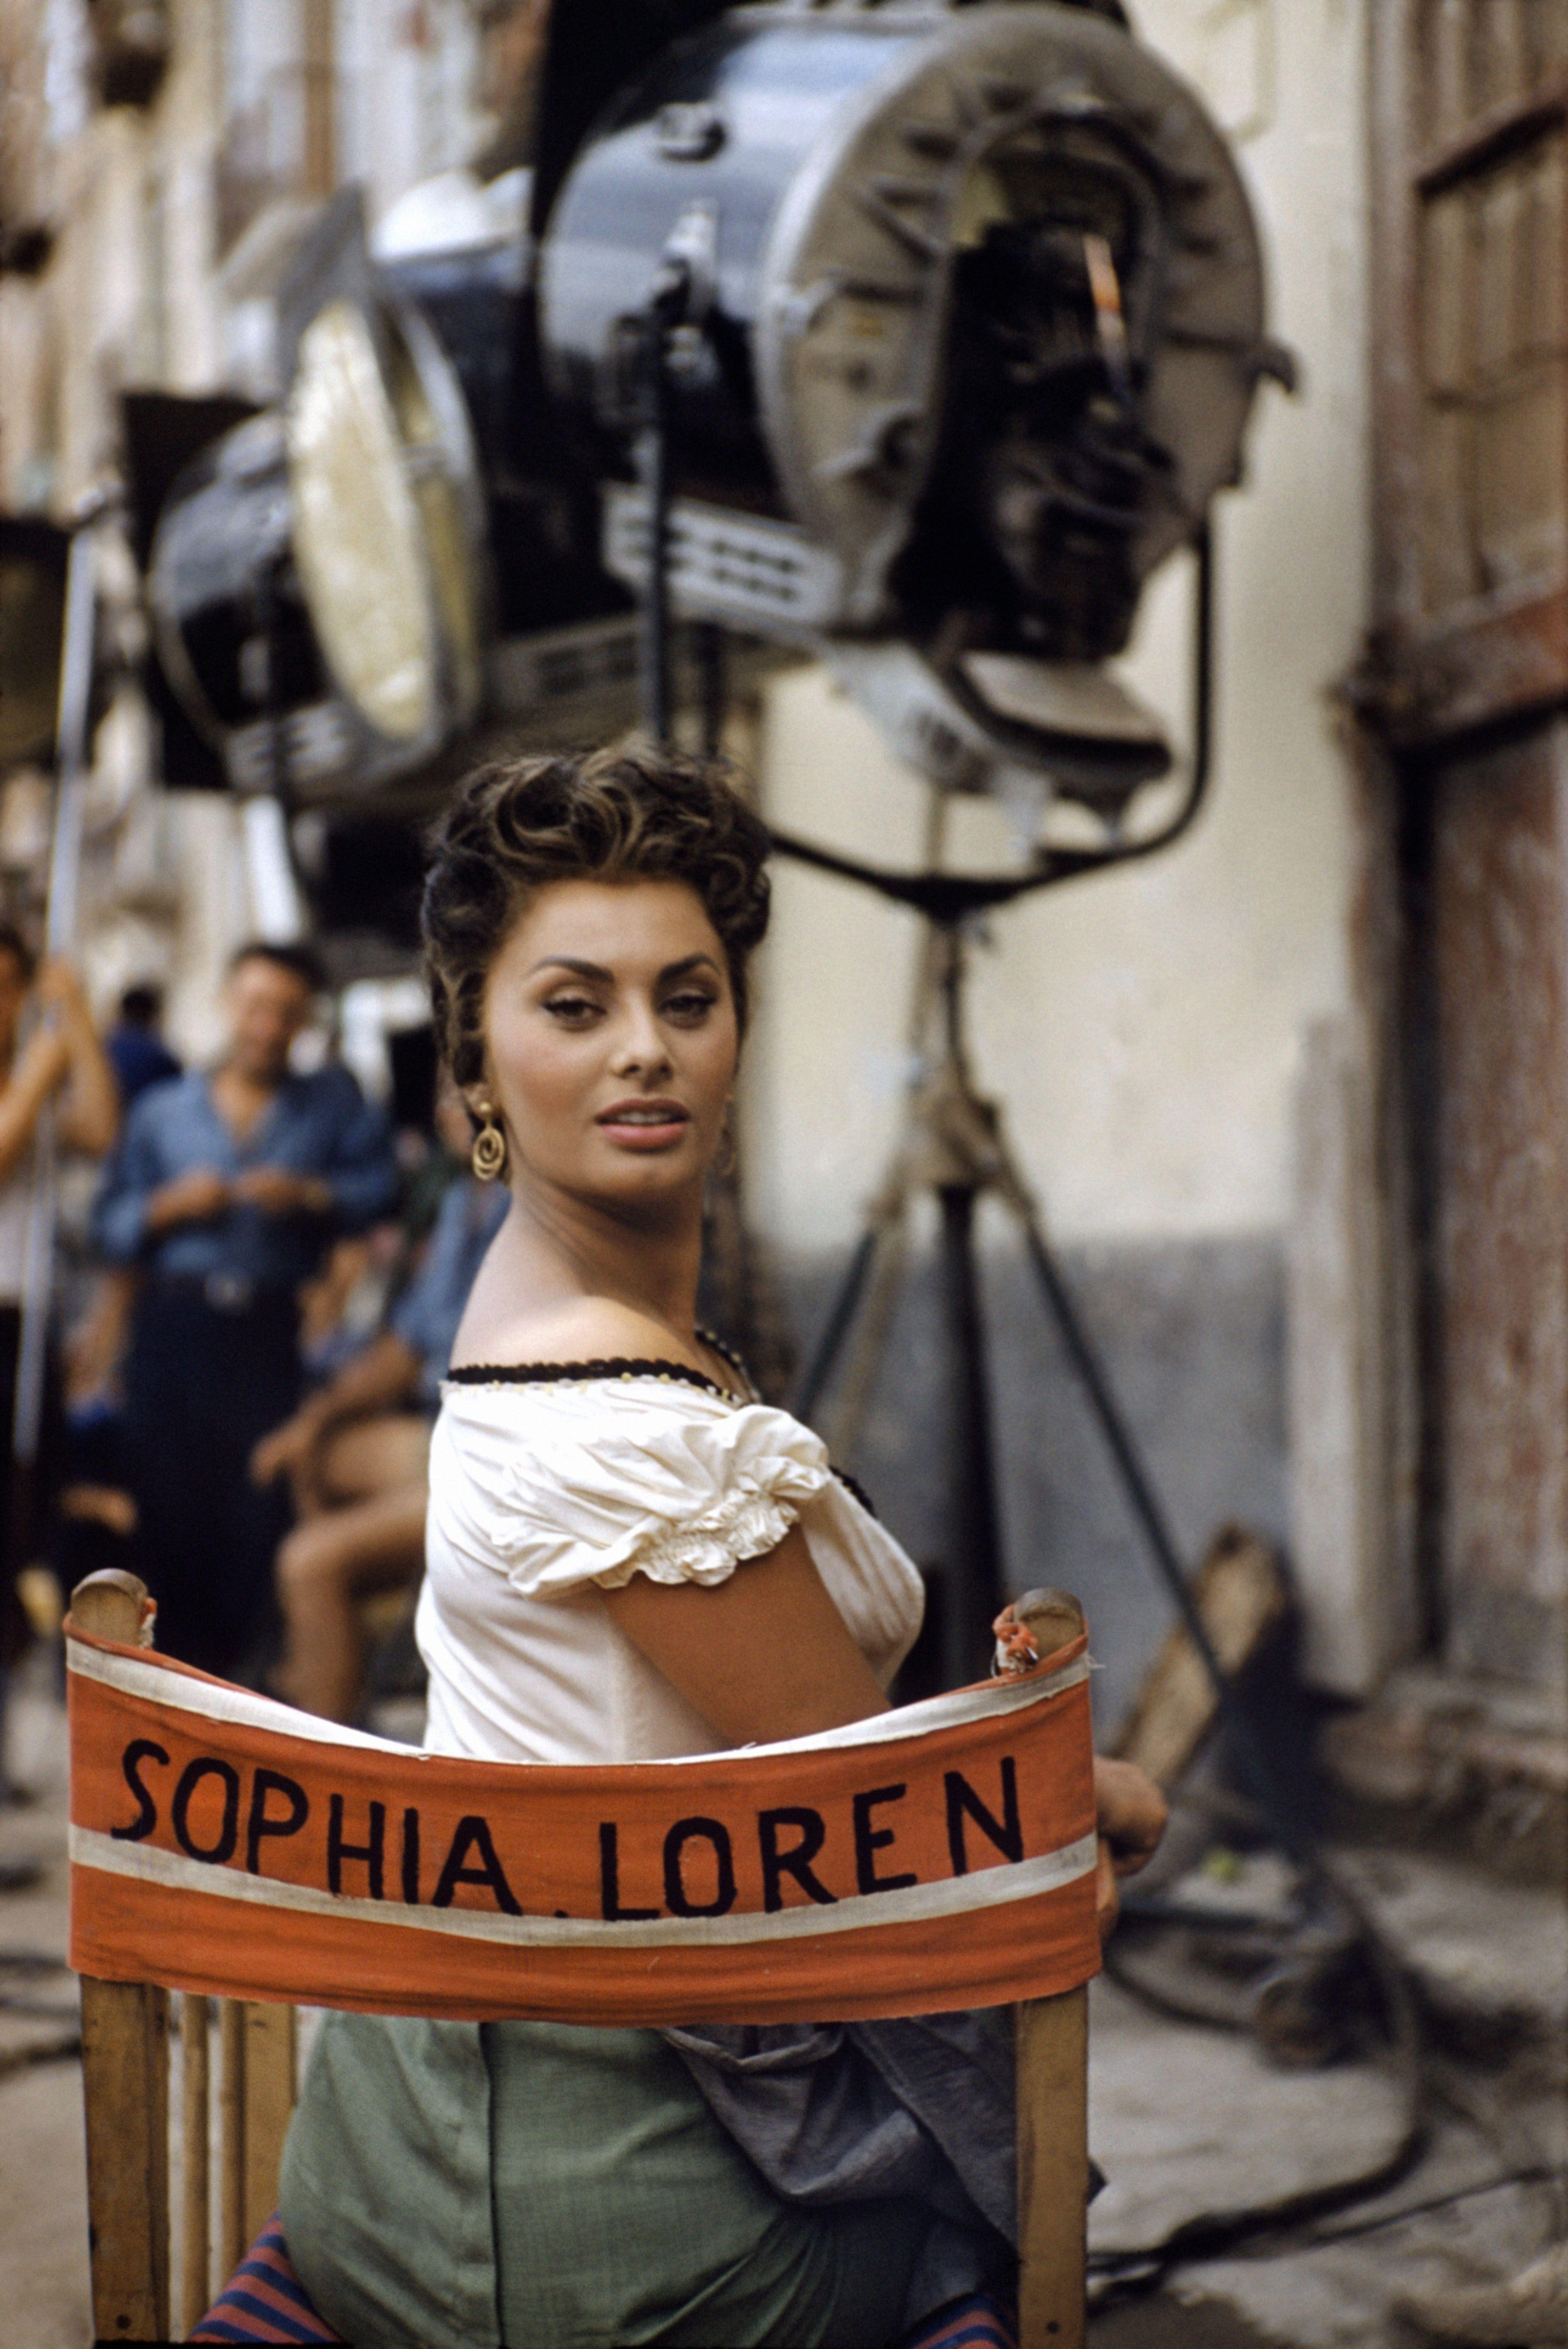 David Seymour Magnum Photos In 2020 Sophia Loren Magnum Photos Photo